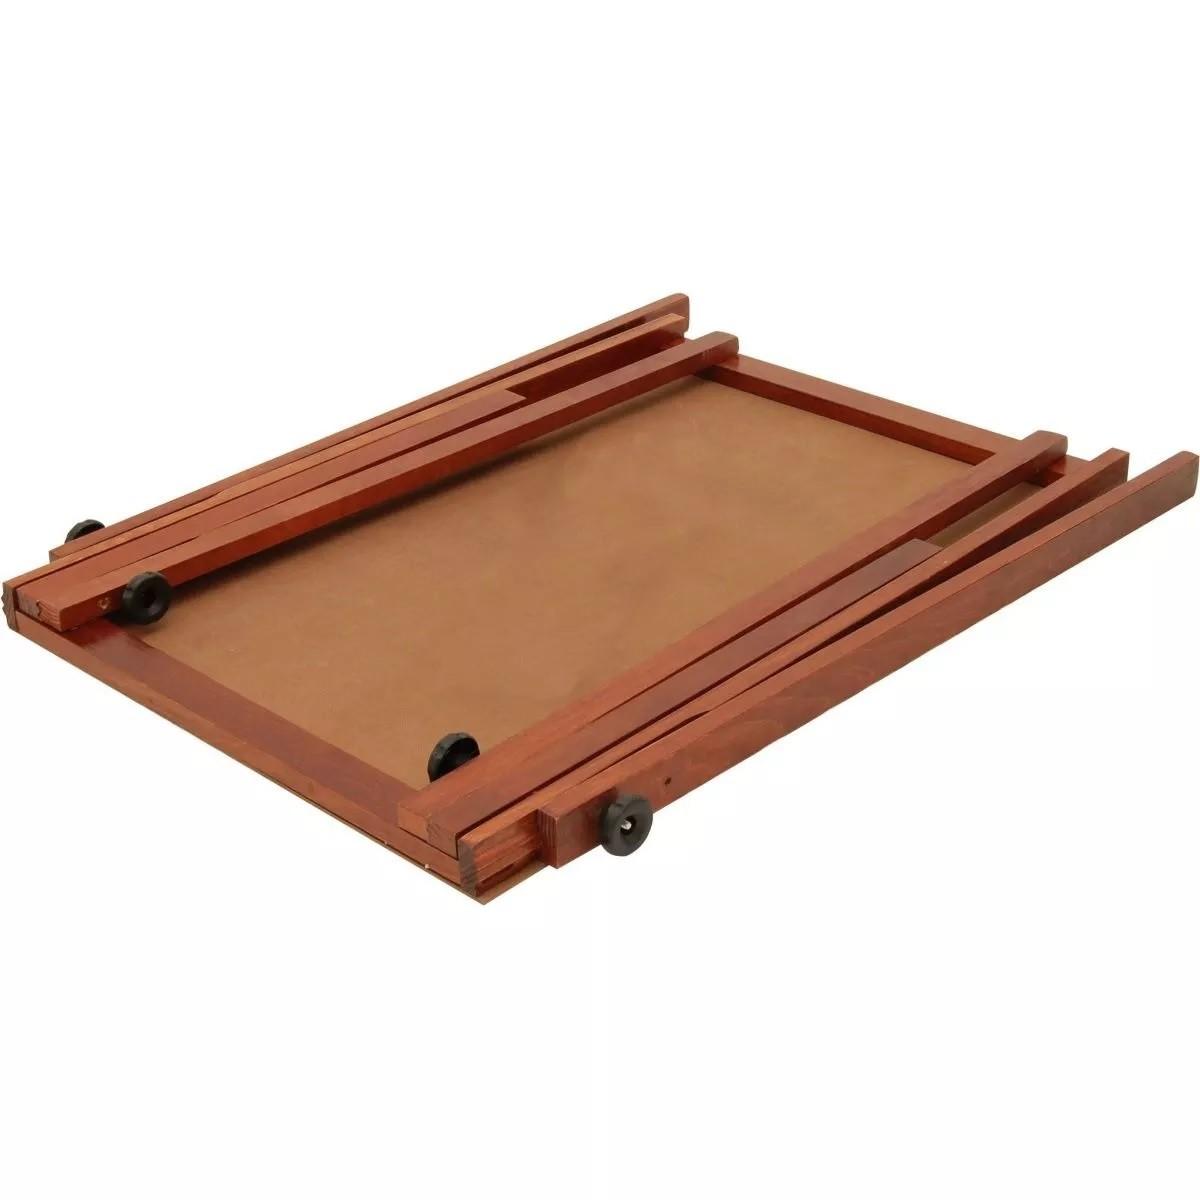 Conj Cavalete Flip Chart Porta Bloco Compacto Com Quadro Duratex Em Madeira Pinus Natural Ajustável 1,63 ou 1,72 Metros Souza 2509 Souza + 1 Bloco Flip Chart 50 Folhas